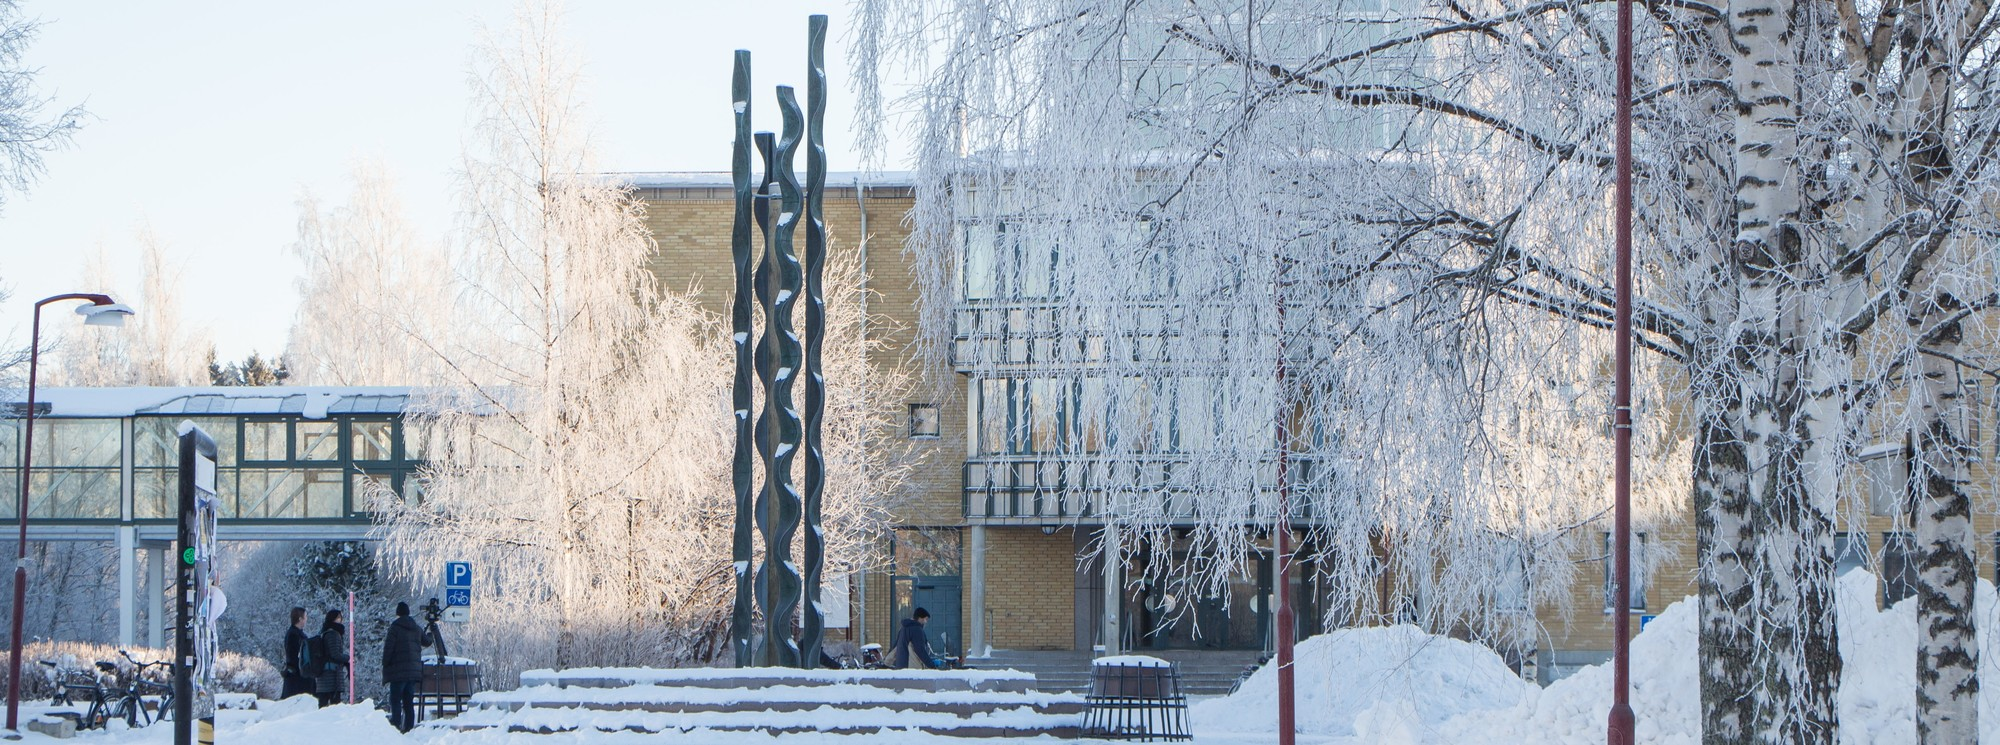 bild- campus_vinter_IMG_1039_160125_UBK ändrad stl.jpg